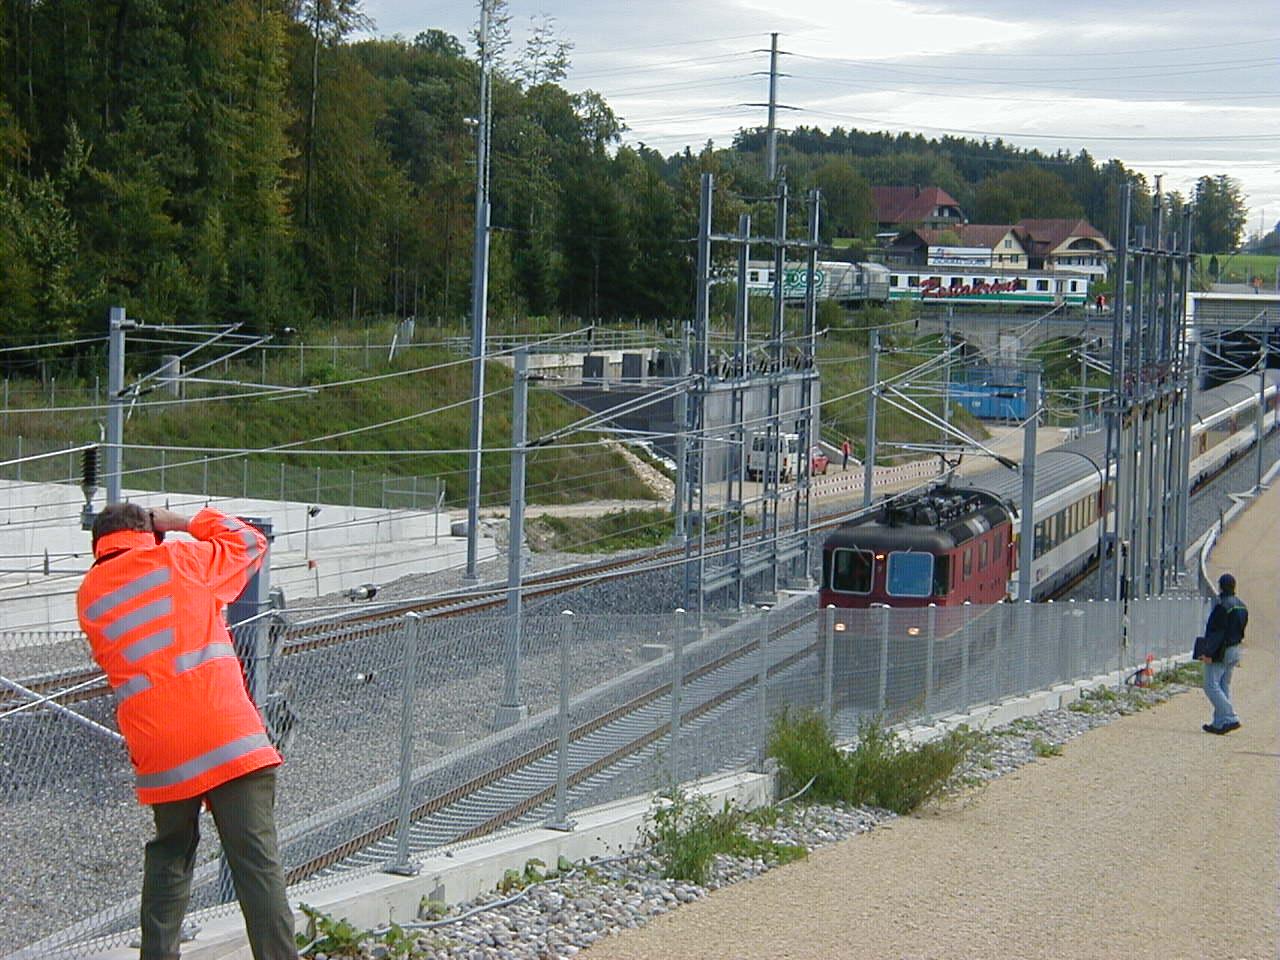 Der Zug mit 257 Figuranten fährt ins Tunnel ein